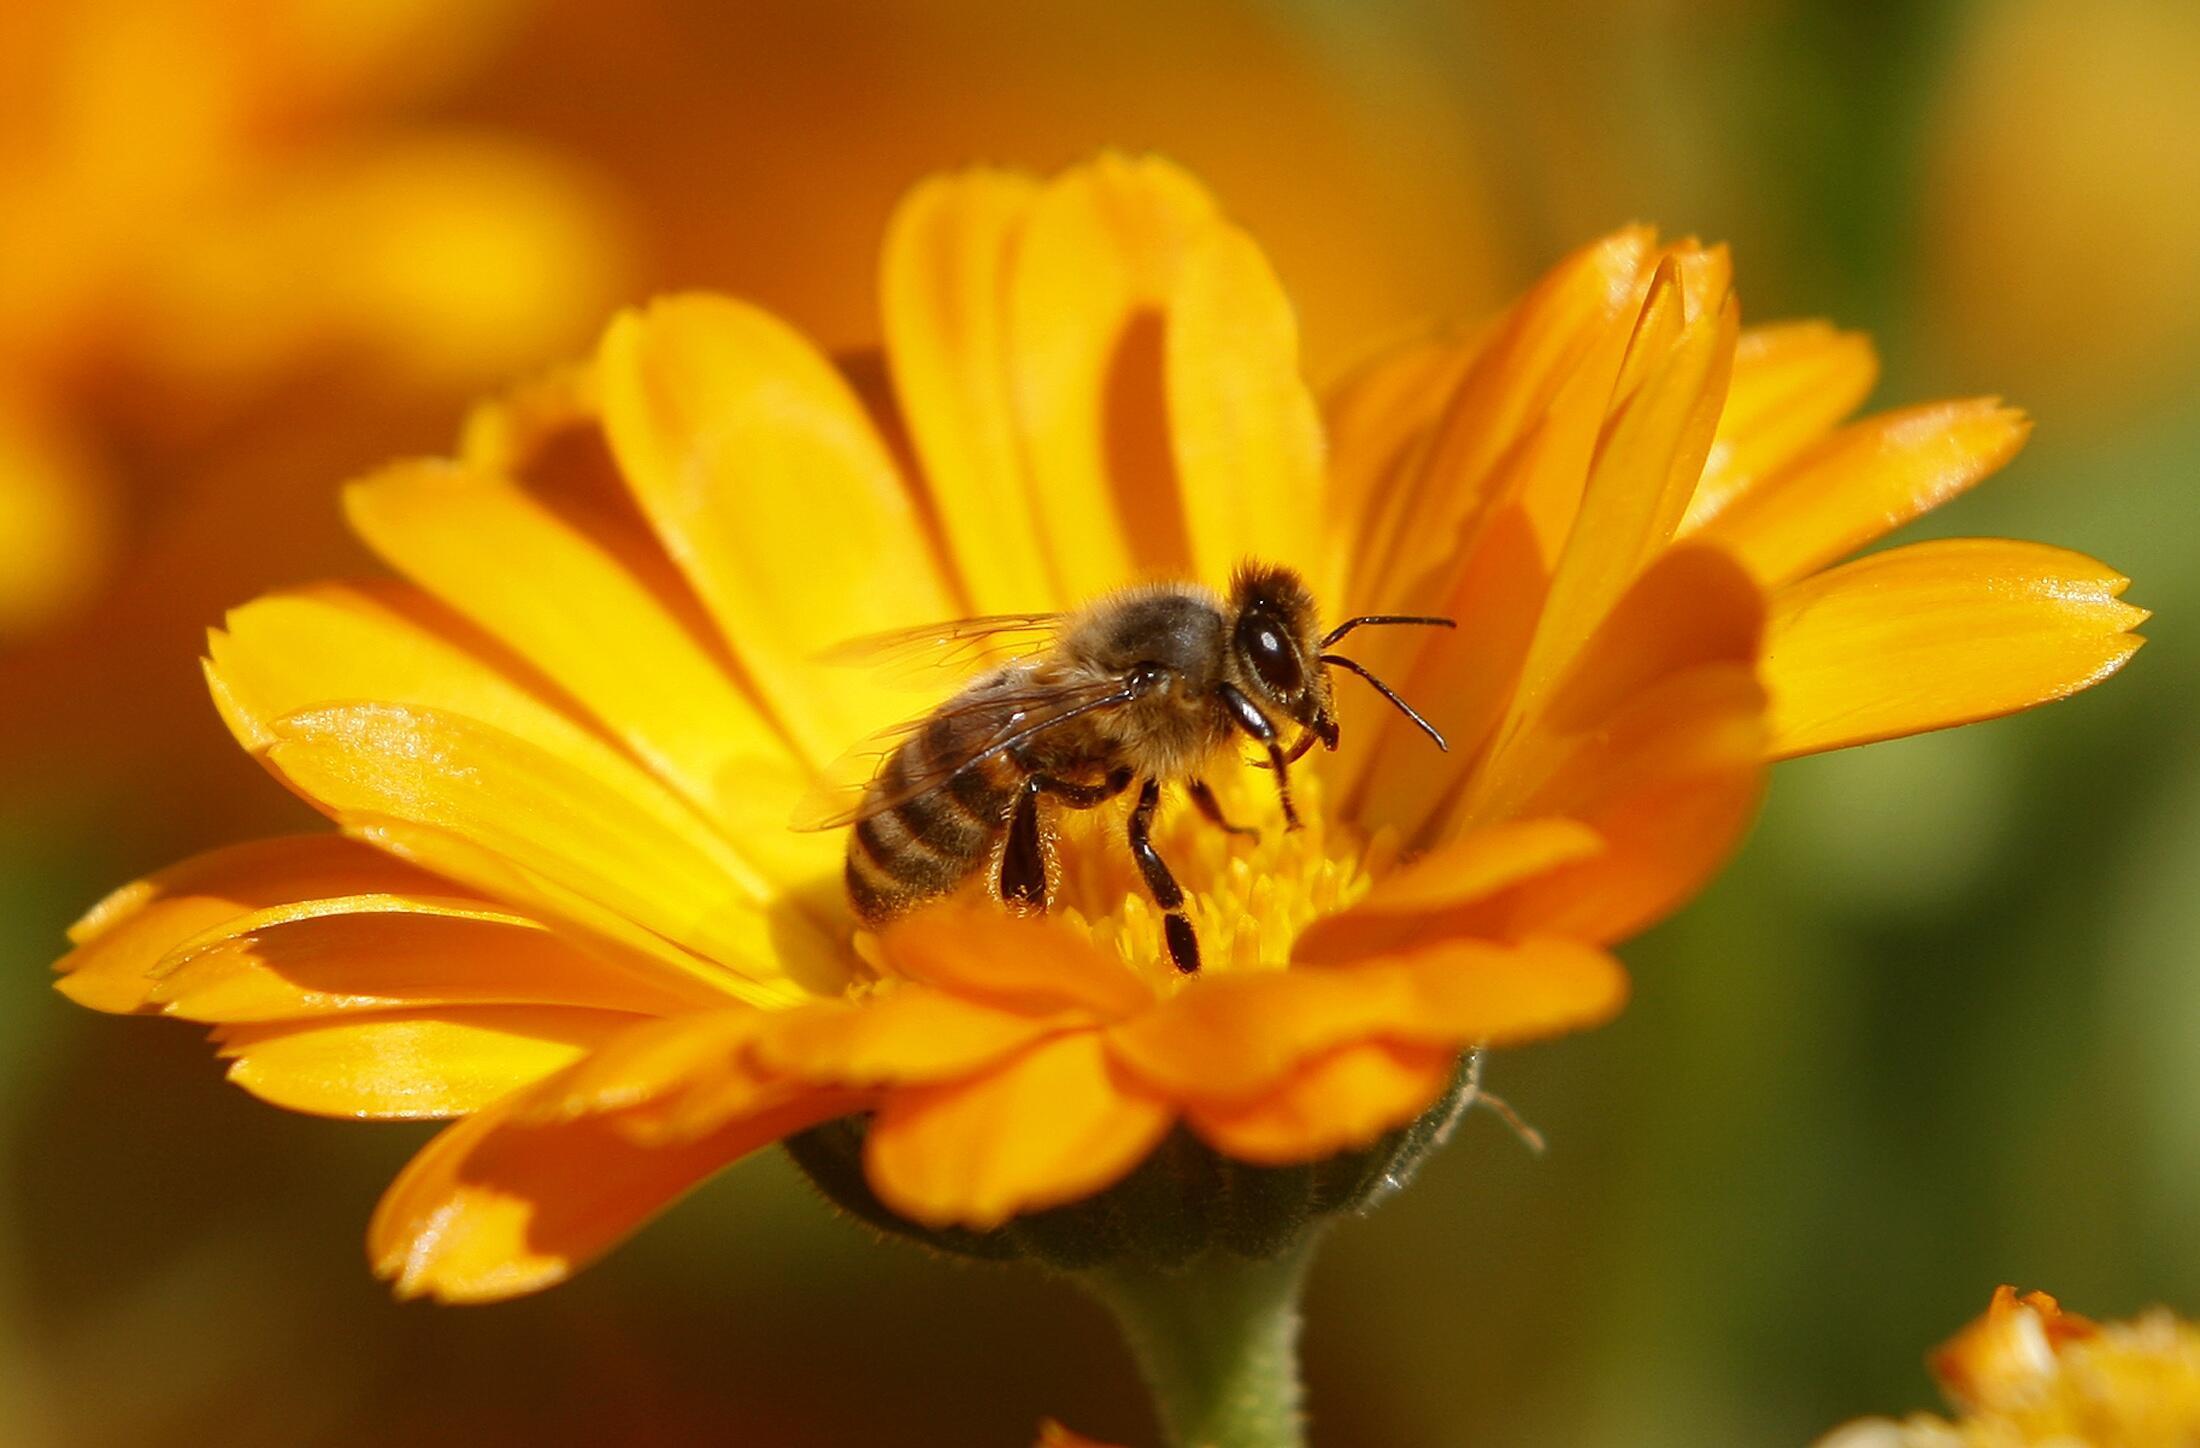 """Côn trùng cung cấp """"dịch vụ"""" thụ phấn cho khoảng 75% sản lượng nông nghiệp."""